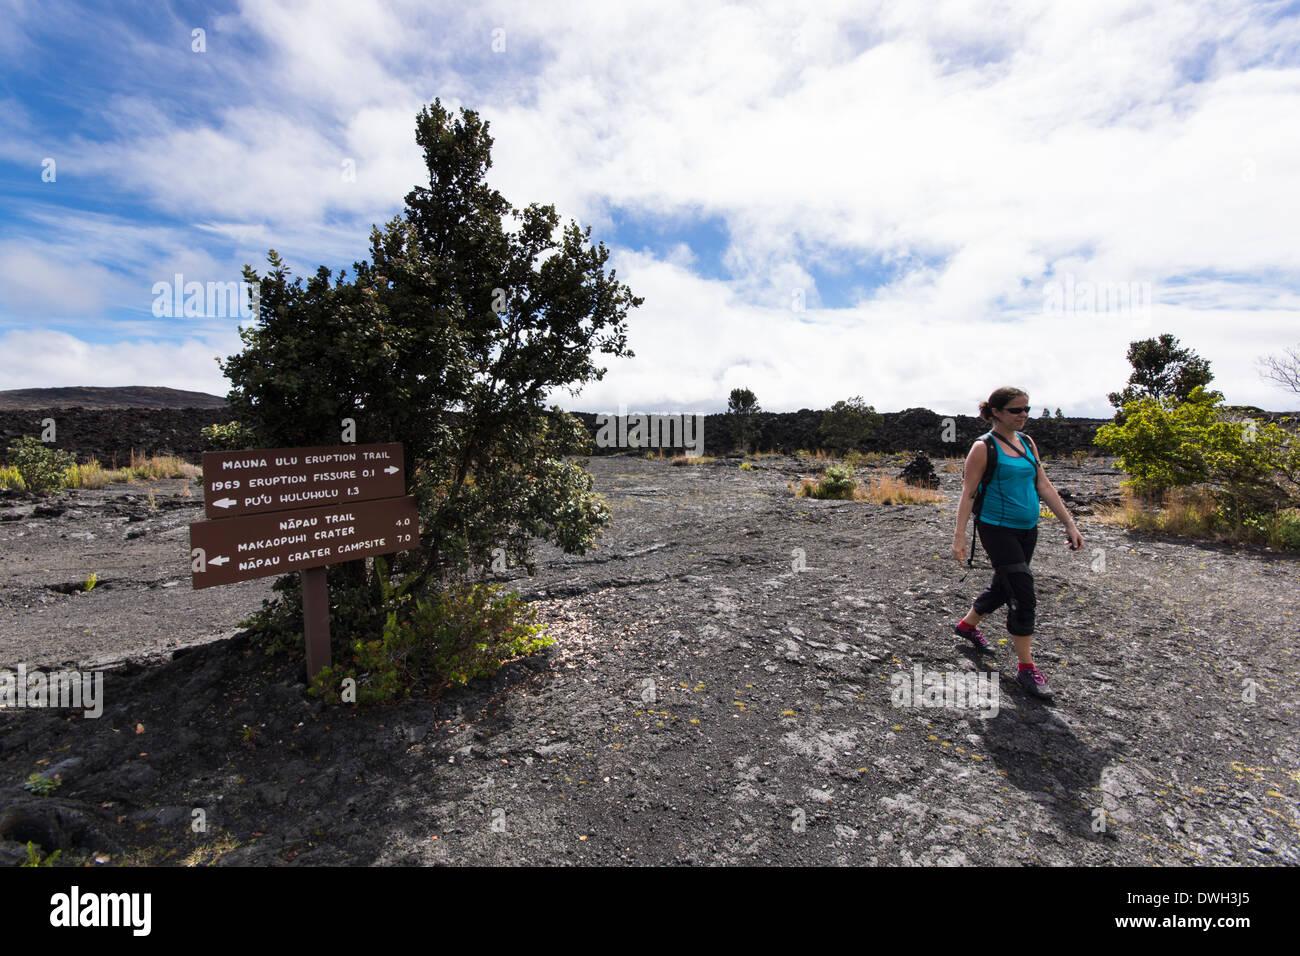 Escursionista femmina al sentiero per il Mauna Ulu eruzione Trail e Pu'u Huluhulu Trail. Vulcani delle Hawaii Nat. Parco, Big Island delle Hawaii, Immagini Stock